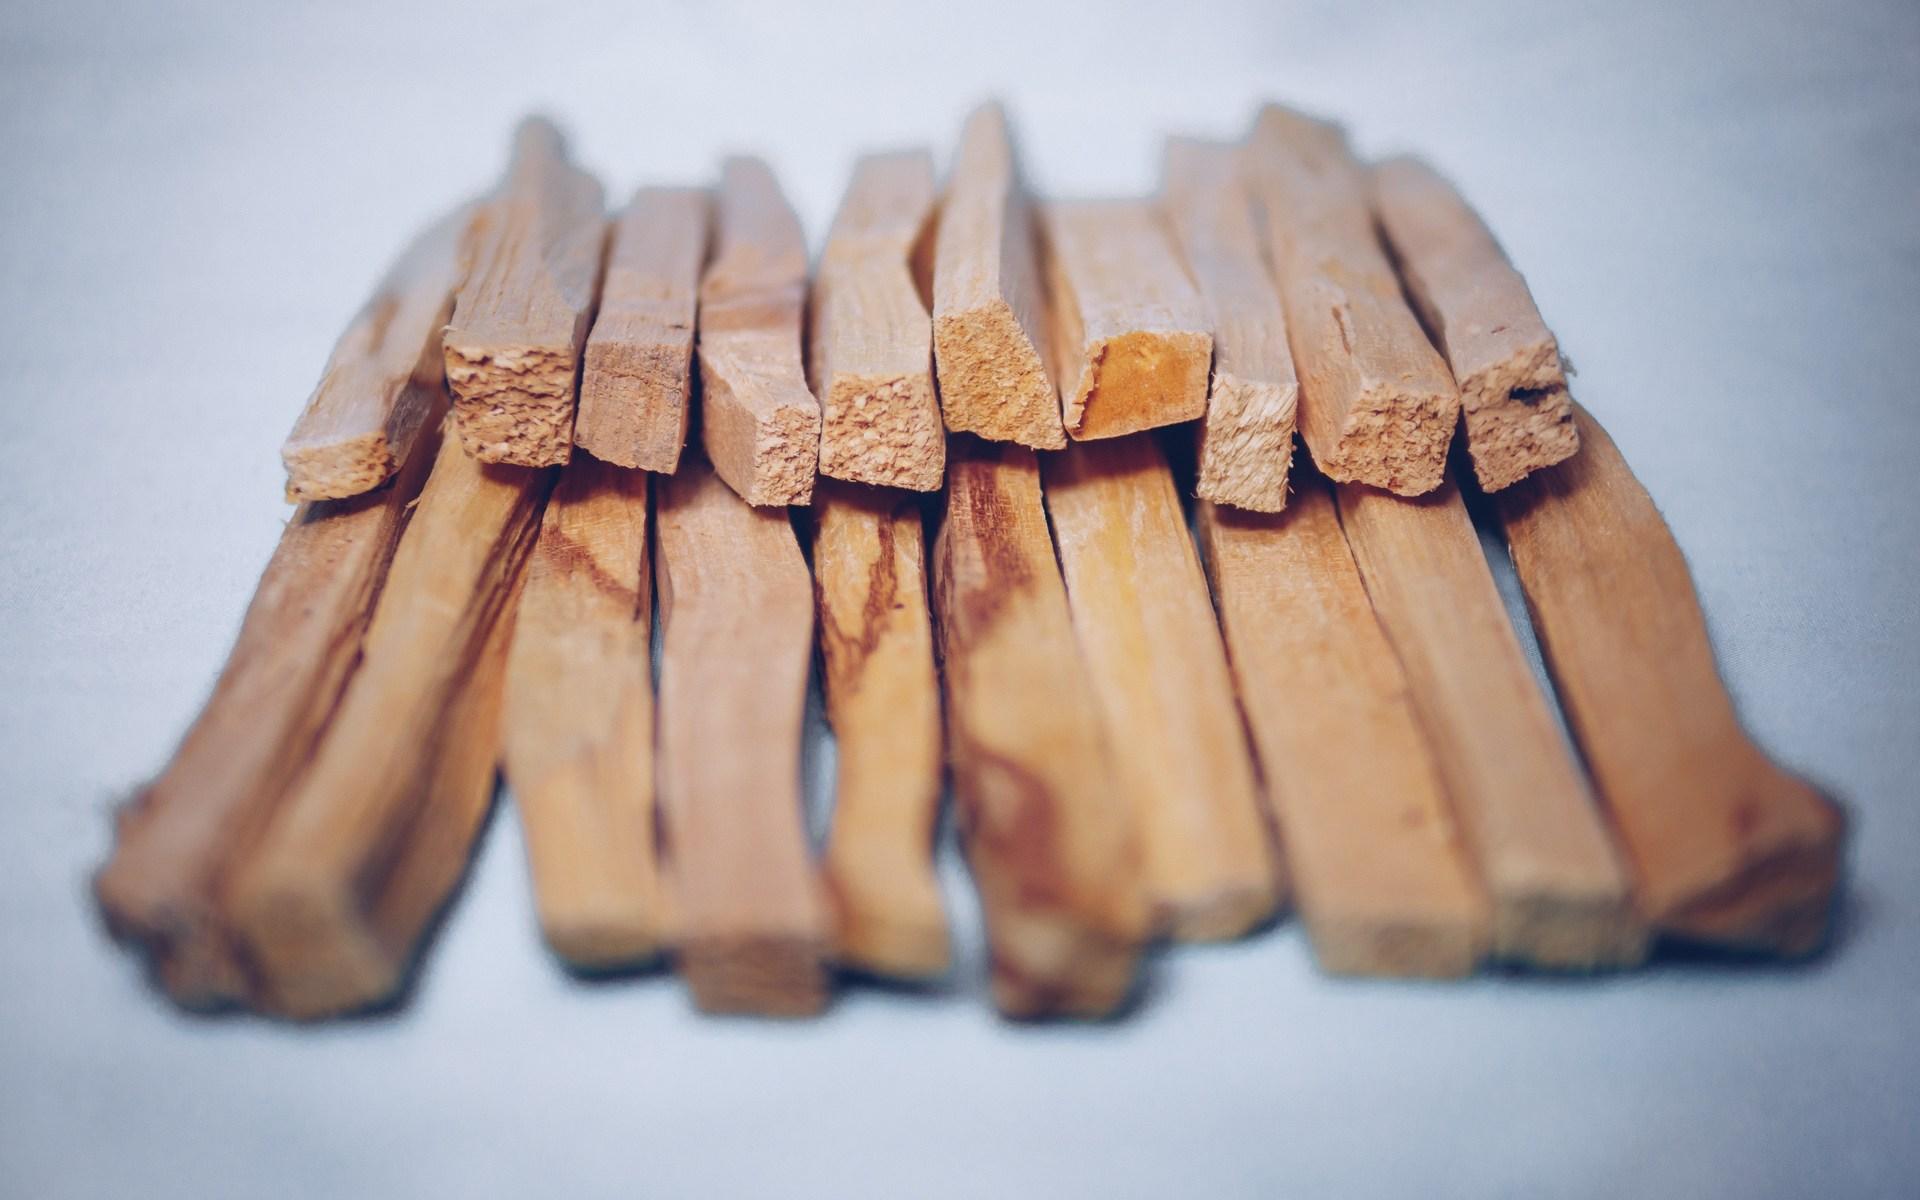 20 Sticks der Guten Qualität. Intensiver Geruch.